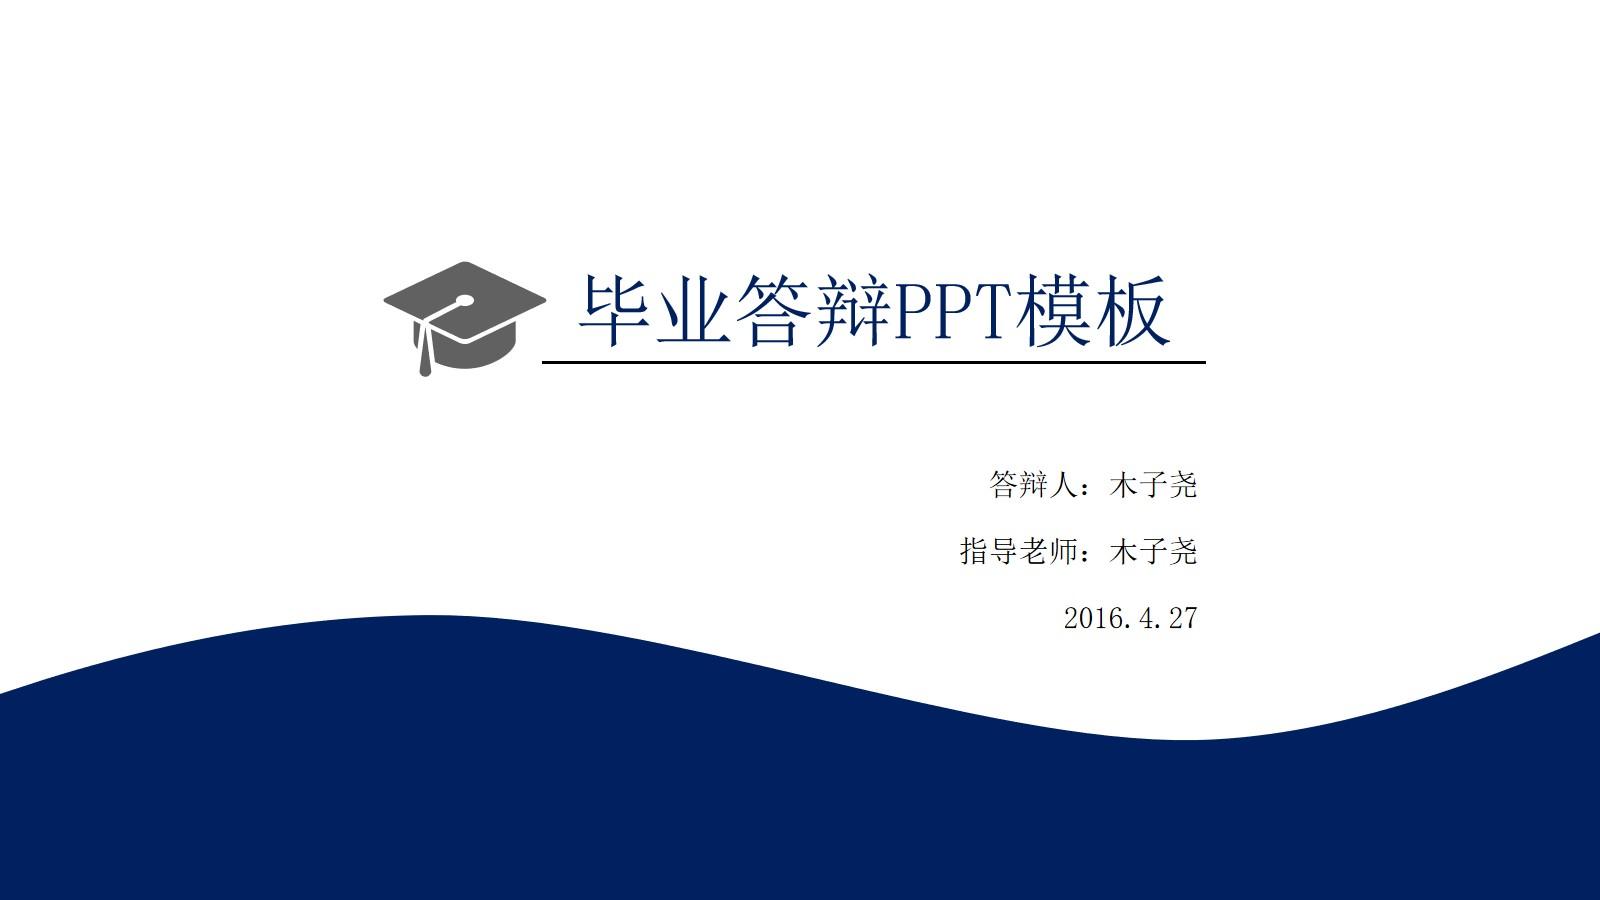 简约蓝商务风毕业答辩ppt模板